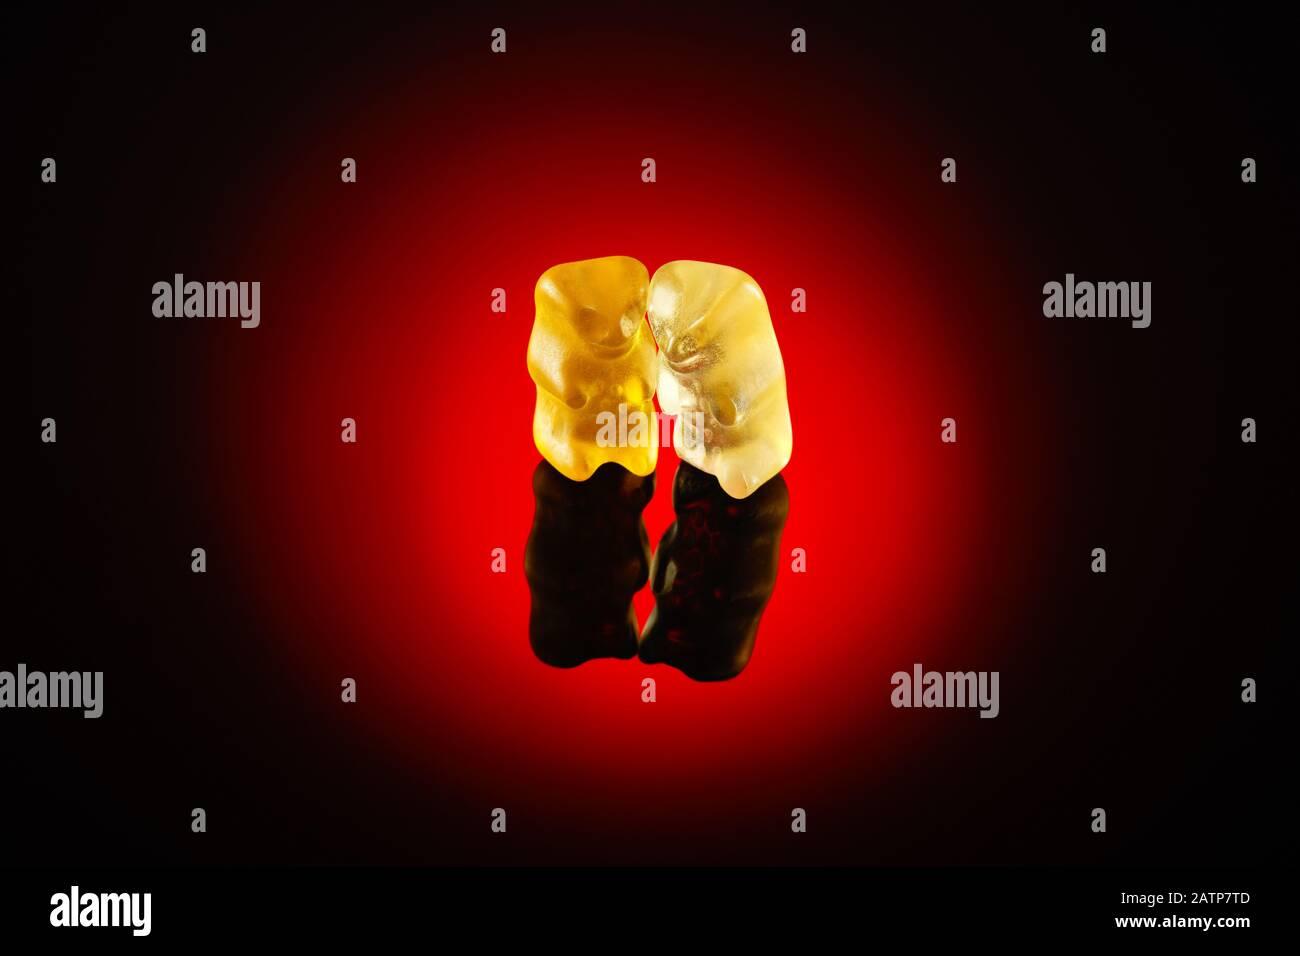 Dos osos gomosos bajo el foco rojo. Concepto de amistad, amor o intimidad Foto de stock